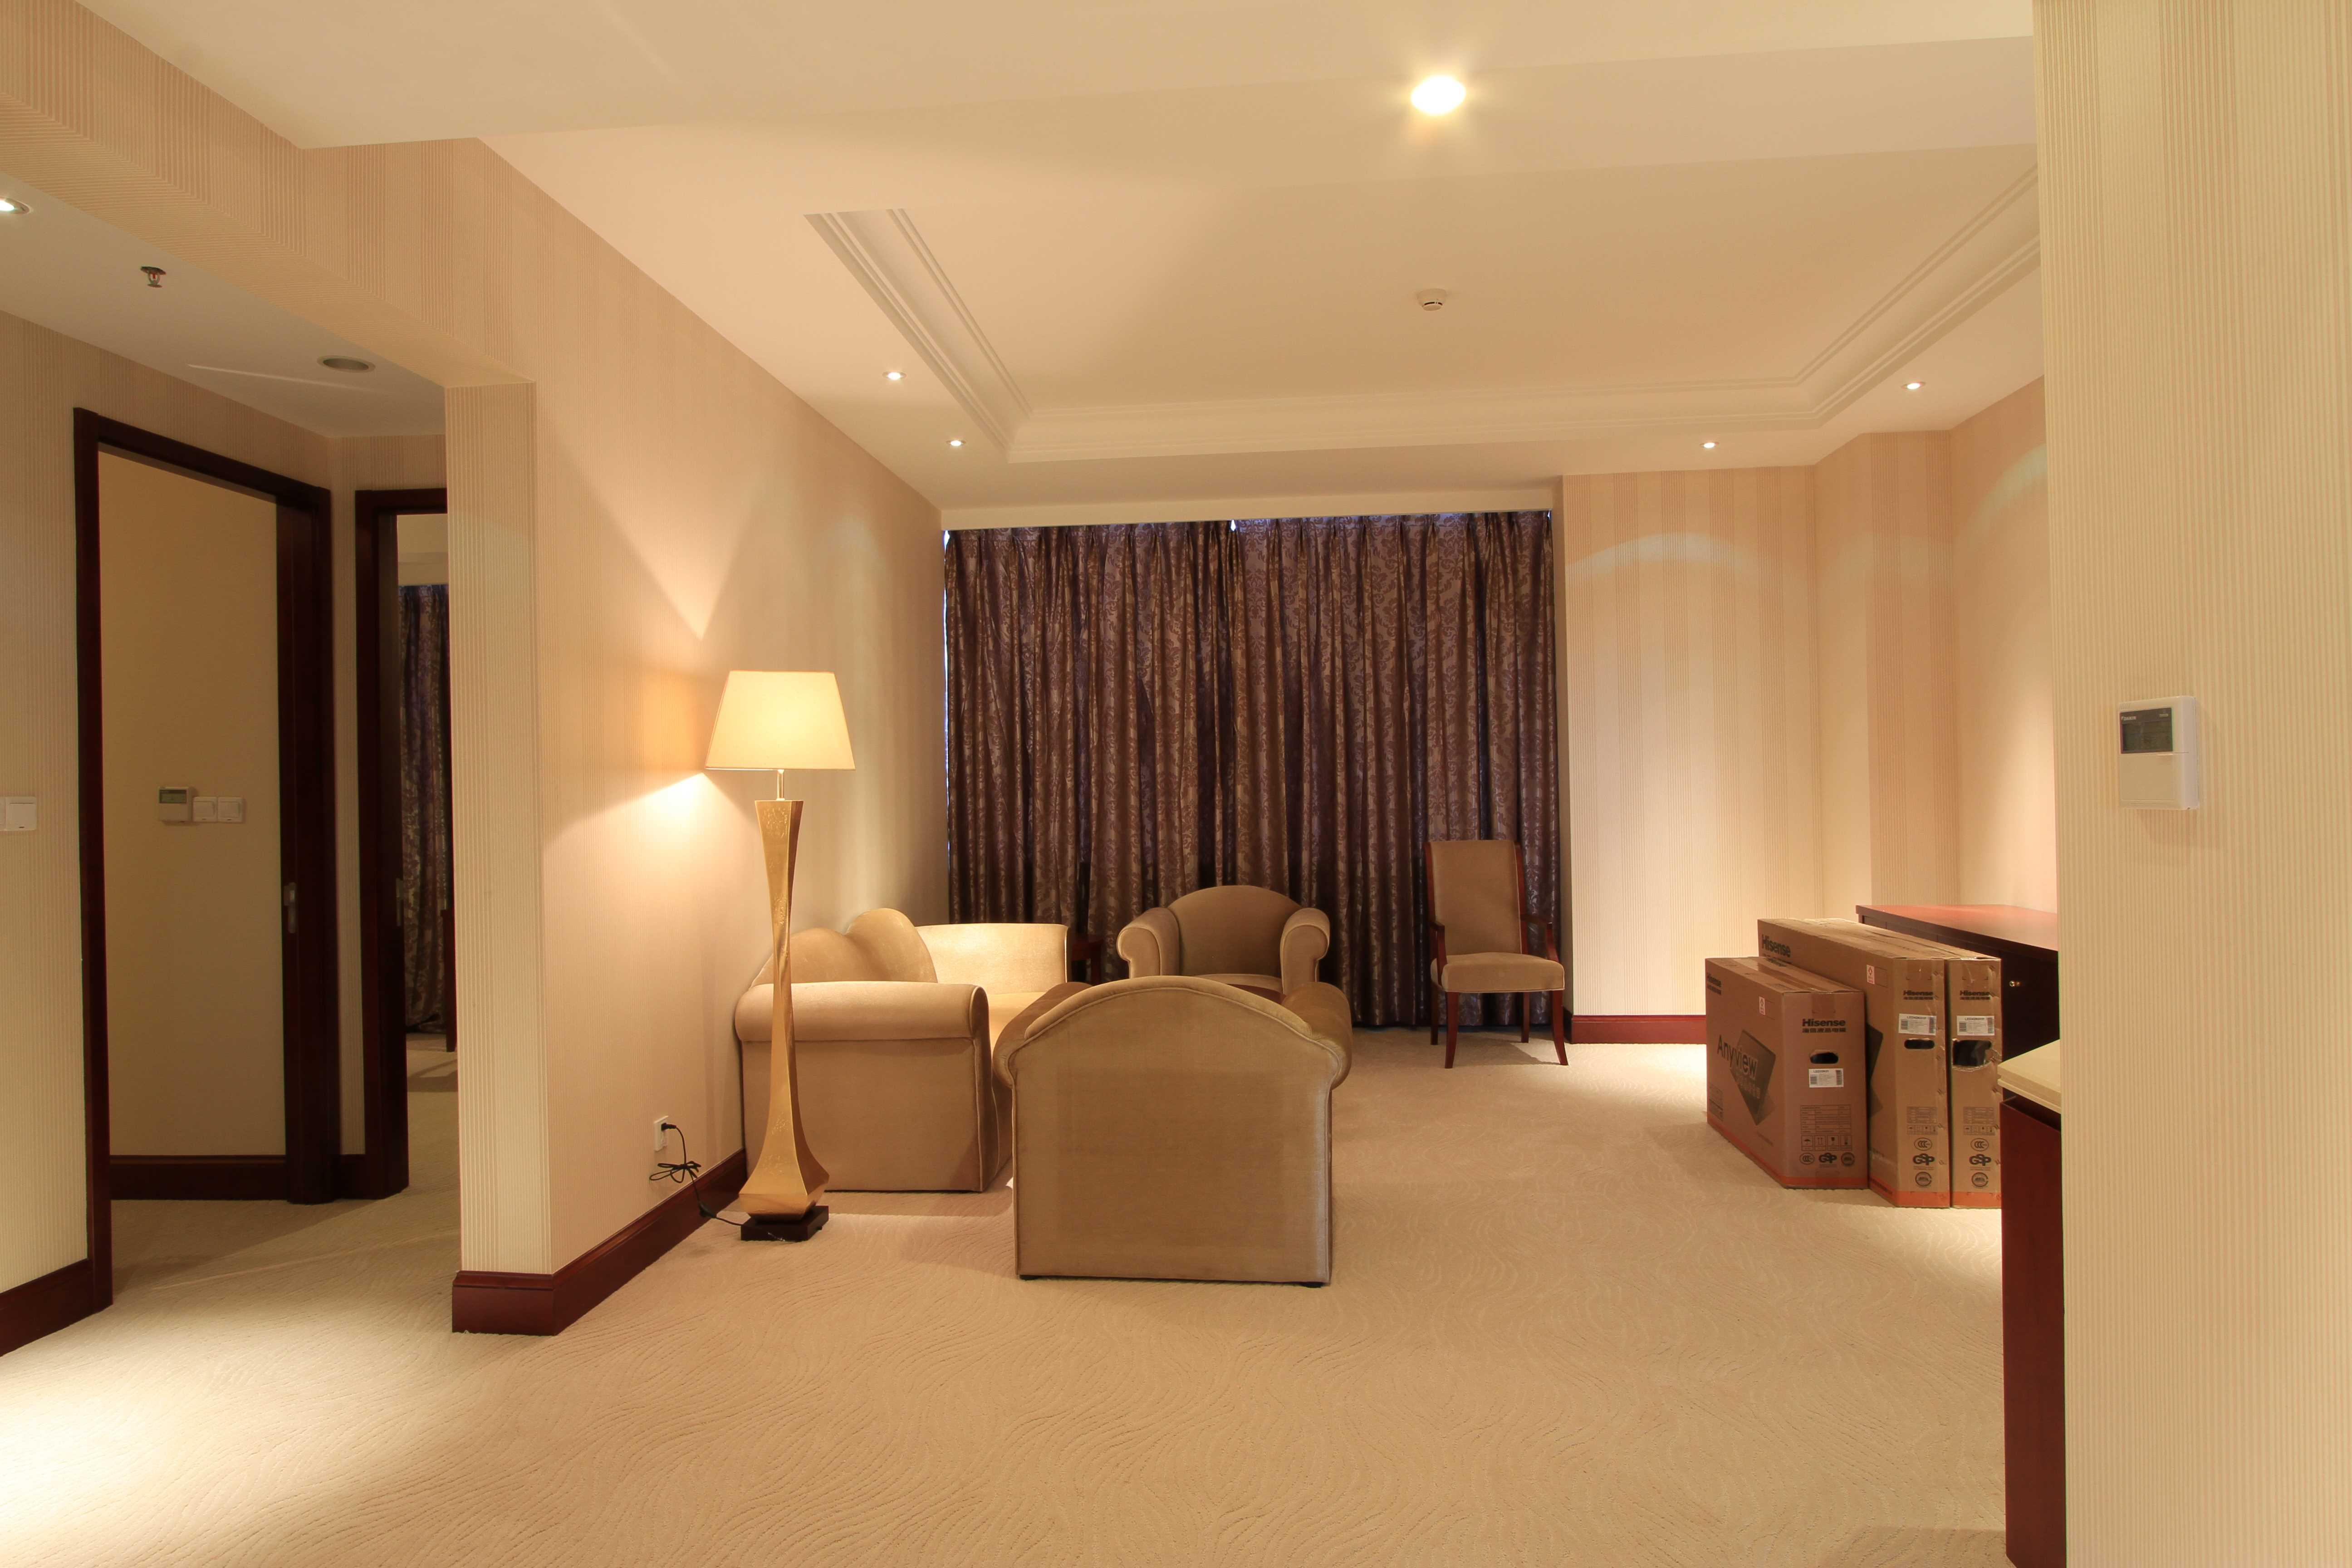 马拉维项目照片-精选-10.宾馆套房-会客厅